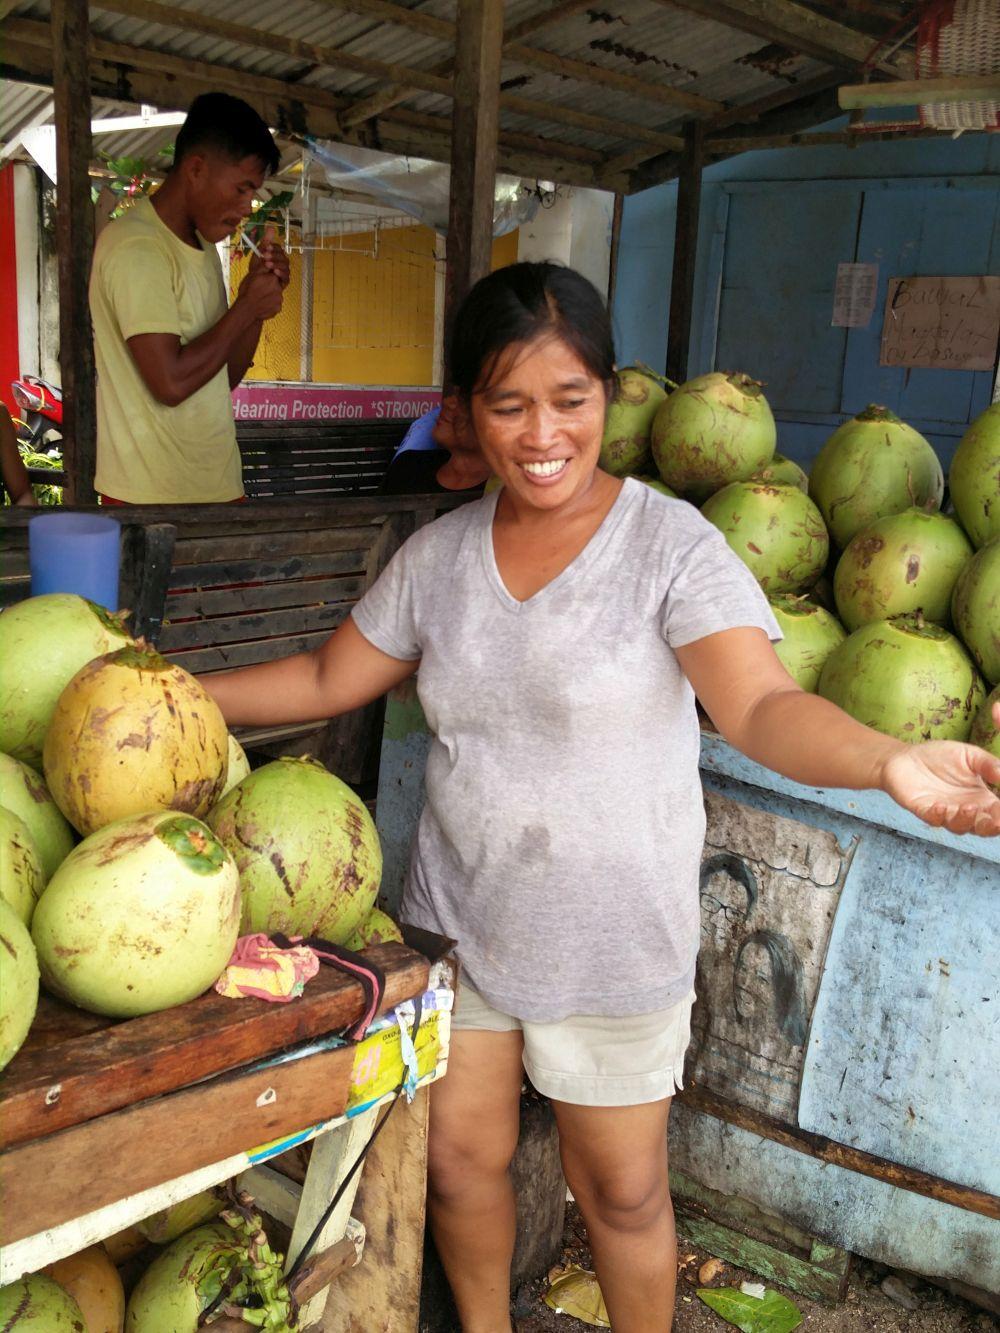 CENY NA PALAWANE: Palawan je jeden z najdrahších ostrovov Filipín. Napriek tomu sa tu dá dovolenkovať fakt lacno. Veľmi záleží, kedy prídete, od decembra do februára je tu nátresk a ubytovania idú s cenami o 200% hore. Zatiaľ čo mimo sezóny sa dá zohnať ubytovanie v El Nido za 10€ na osobu na noc, v sezóne je to skôr 20€ - 30€na osobu na noc, keď bookujete dostatočne vopred. Jedlo je tu tiež lacné, aj drahé, v závislosti od toho, čo chcete. Výlety sú pomerne lacné (okolo 25€ za denný výlet), doprava tiež v pohode (10€za cestu z Puerto Princessa do El Nido, tricykel po El Nido meste stojí 1€ za jazdu). Kokosové orechy tu stoja medzi 25 centami a 50 centami, fakt lacné. Takisto koláče a rum je tu lacný, pivo stojí okolo 1€ za fľašku v obchode, v bare okolo 1,40€. Hodinová masáž tu výjde na cca 8€, drink od 2€ do 6€. Nie najlacnejšie, no ani drahé. My sme doplatili na naše gurmánske jazyky. každý deň sme jedli v reštauráciách, pretože kombináciu mäsa a ryže sme už nemohli ani vidieť. Takto sme tu za 3 týždne oplieskali dvaja skoro 500€. Ak by sme chceli mať čo najlacnejšiu dovolenku, v klude by sme sa zmestili pod 1000€ za 3 týždne, dokonca si dovolím povedať, že pod 750€. Papali sme ale ako králi, takisto sme chodili na výlety, nešetrili sme a vyšlo nás to 1100€na osobu